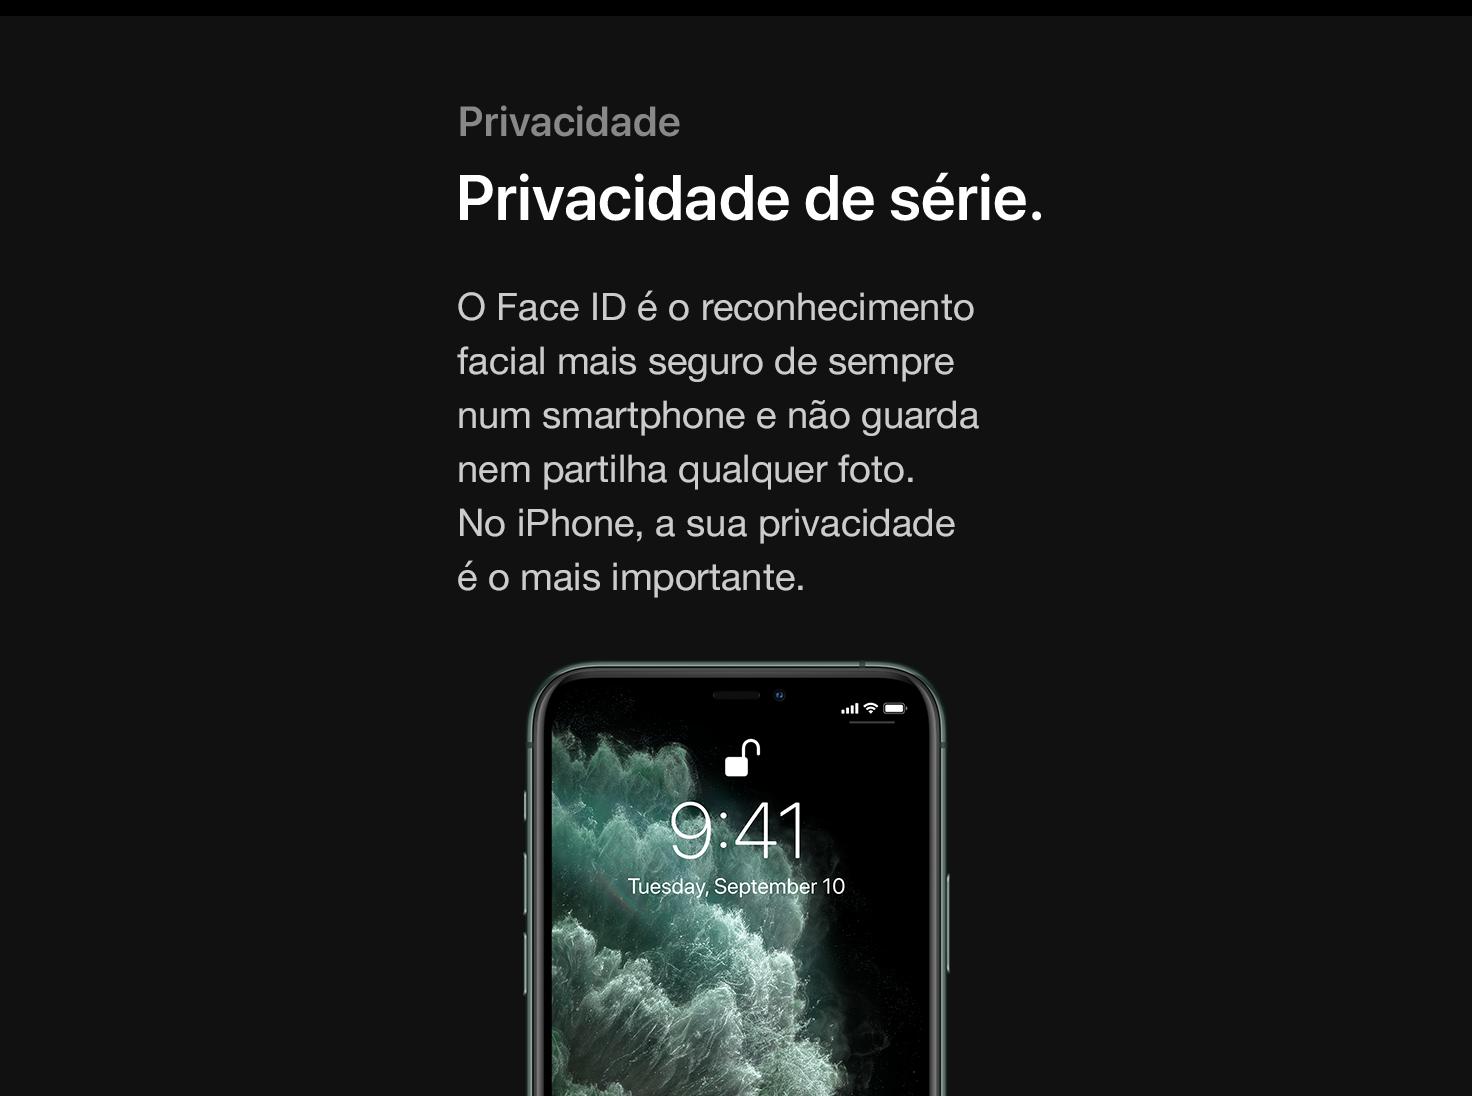 Privacidade de série.